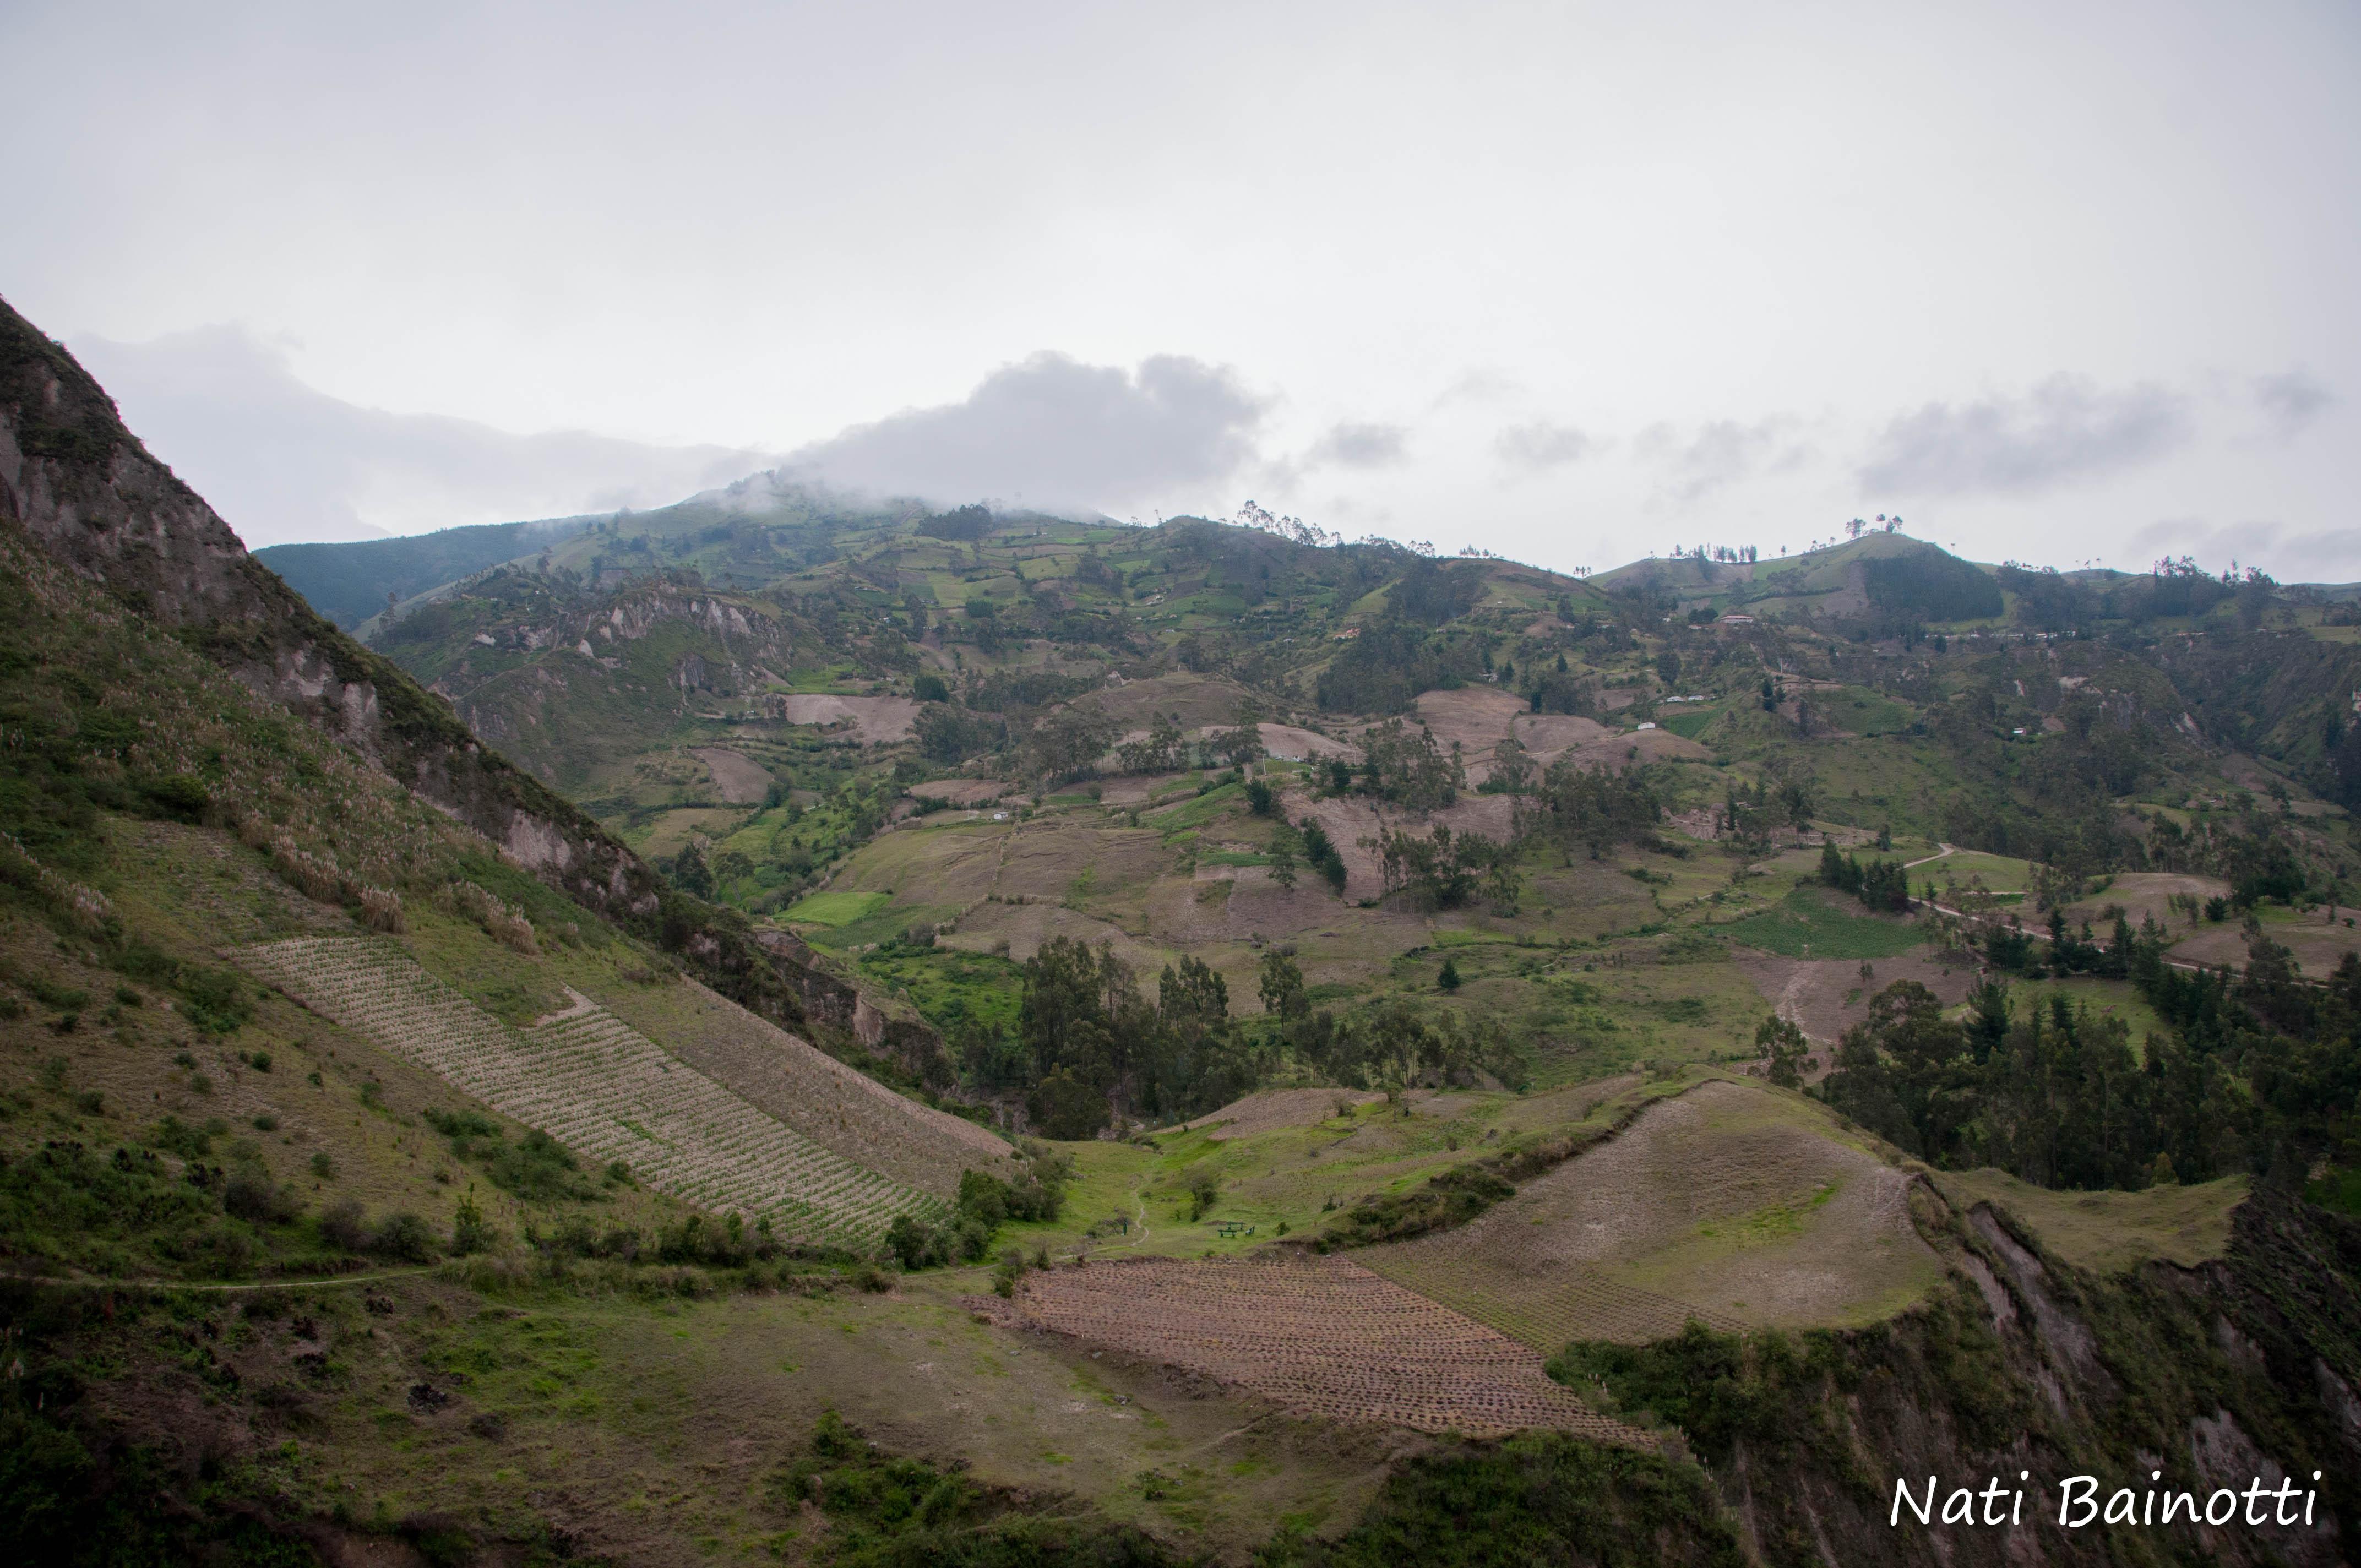 montañas-quilotoa-ecuador-nati-bainotti-mi-vida-en-una-mochila-12